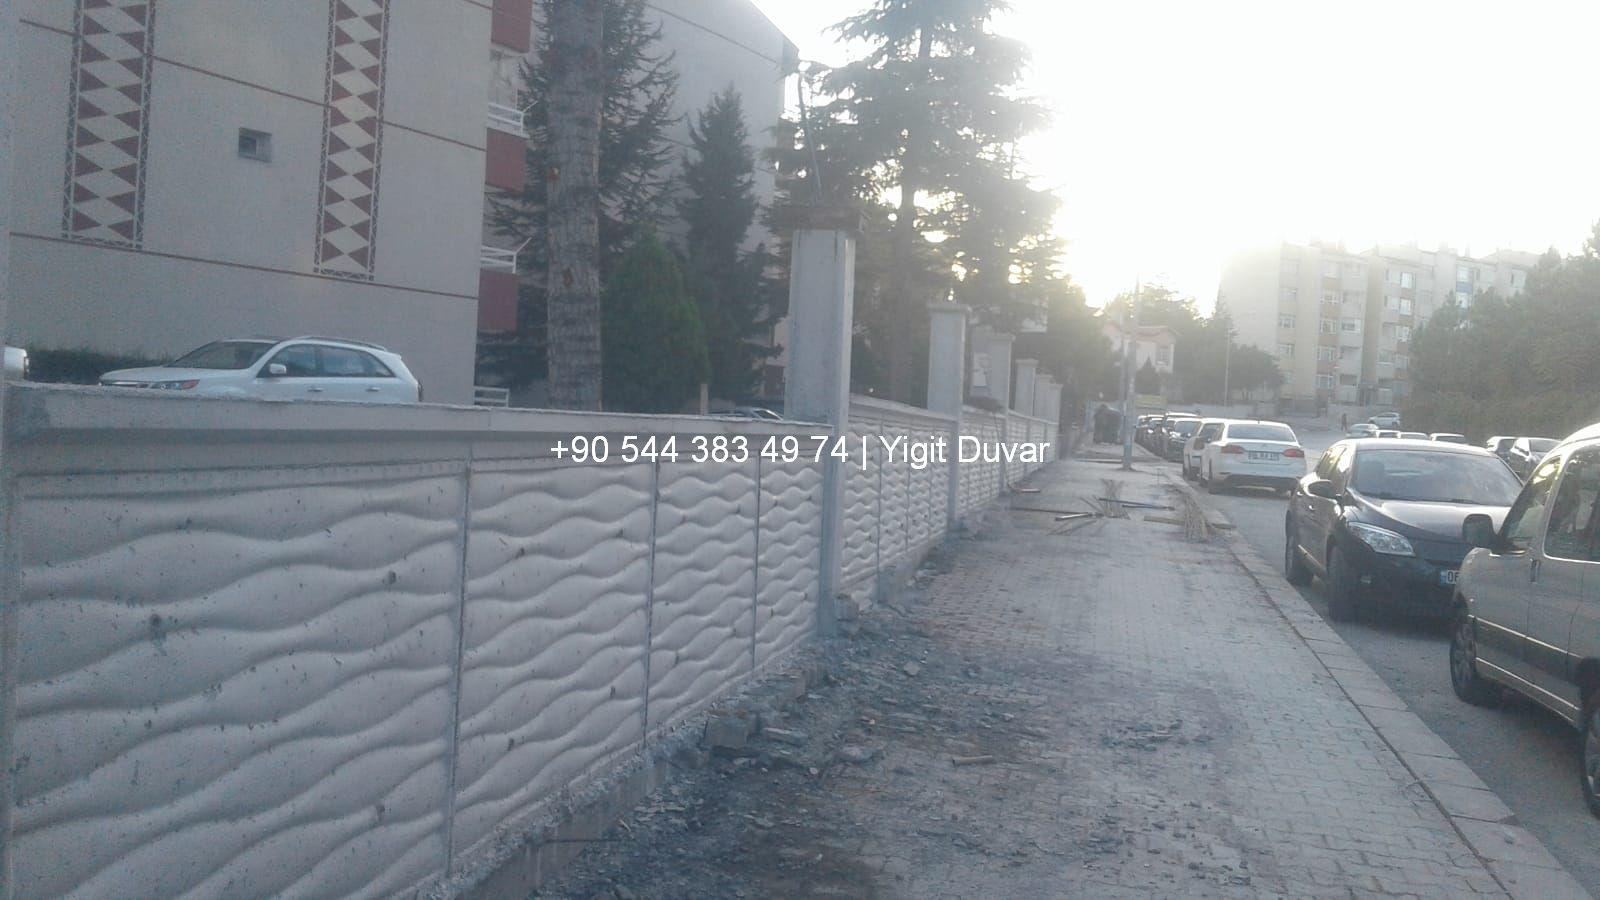 duvar-ustasi-yigit-duvar093